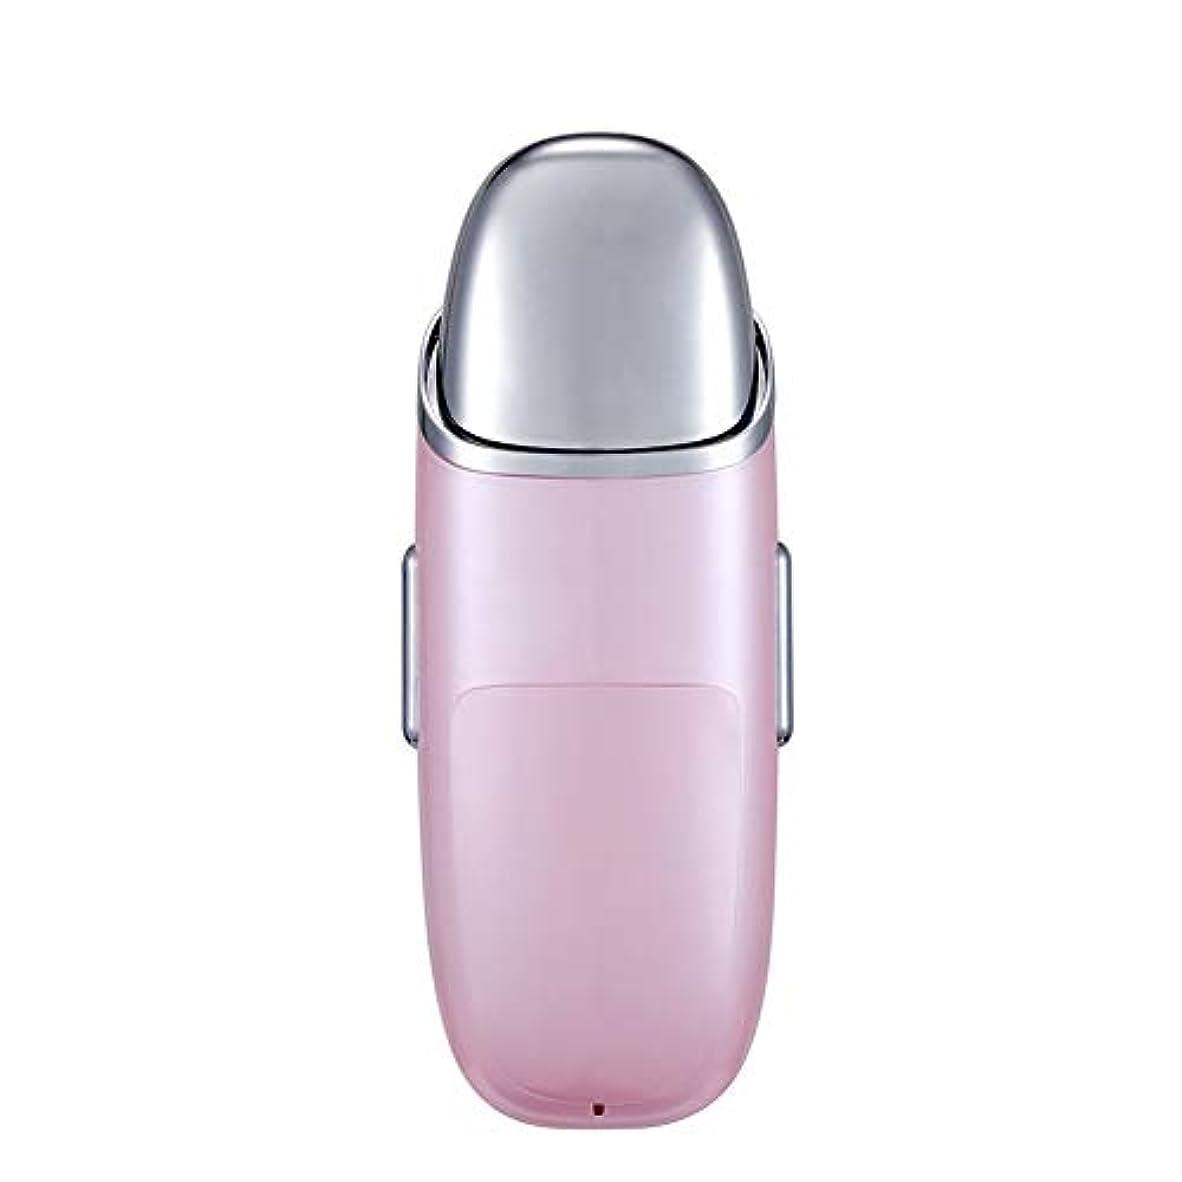 高音ほとんどの場合マンハッタンナノフェイシャル、充電式フェイシャルスチーマー10 ml水タンク、ポータブルフェイシャルスプレー、スキンケア、旅行保湿および保湿 (Color : Pink)